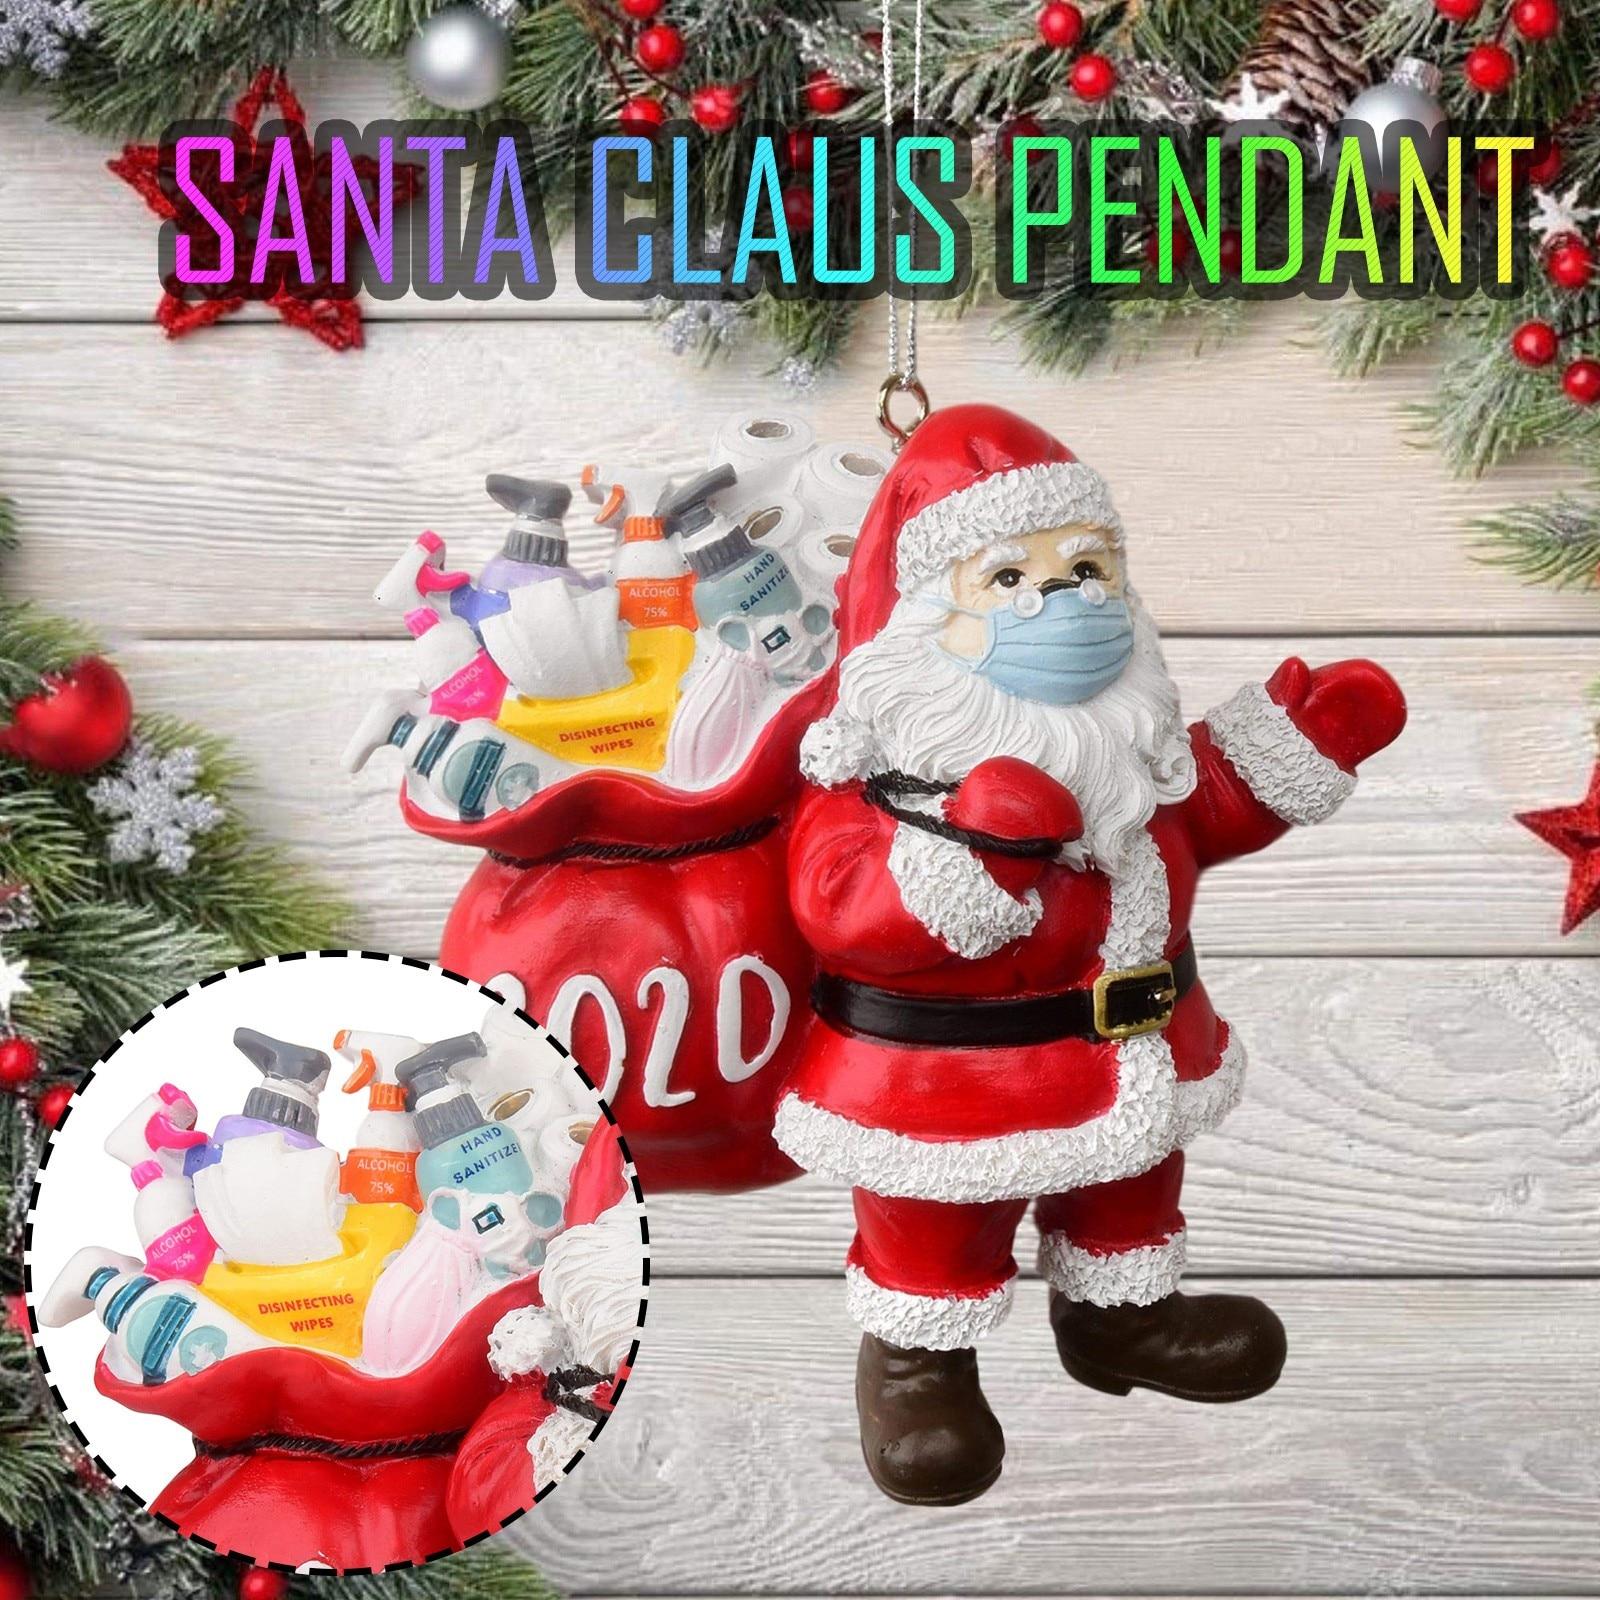 2020 Рождественское украшение Санта в маске для лица, украшение для рождественской елки, рождественские украшения, украшение для елки, Рождес...